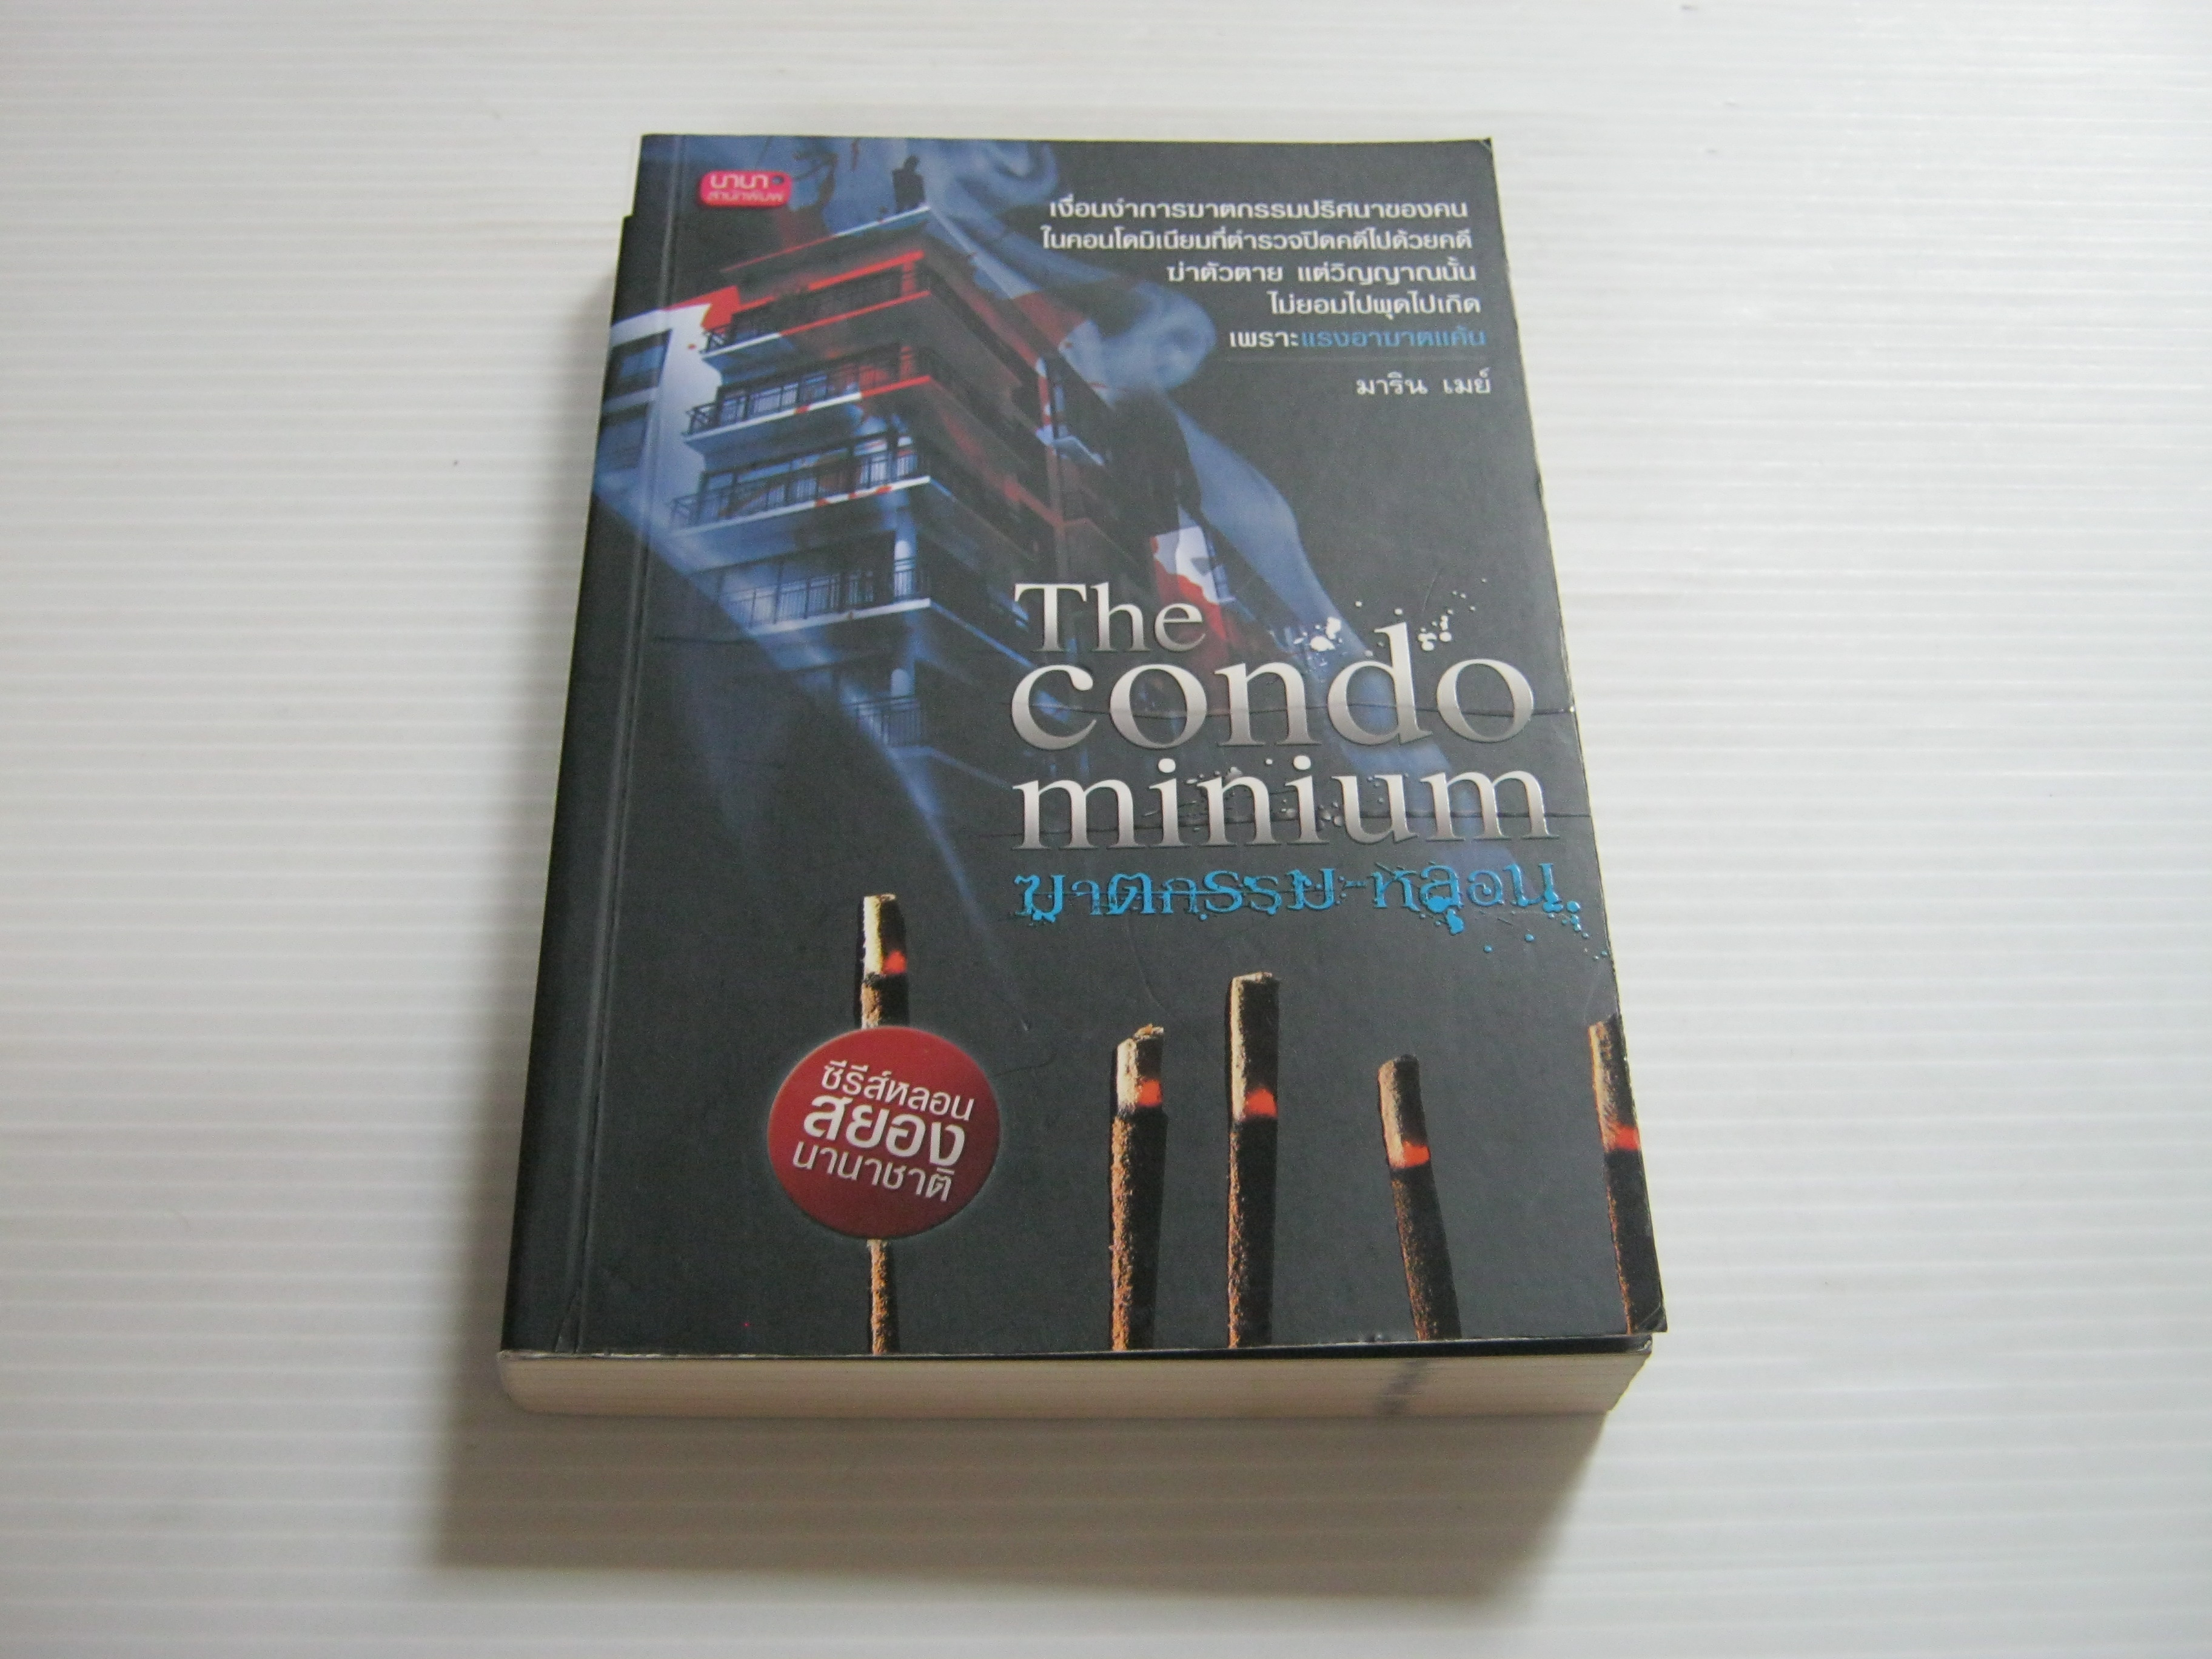 The Condominium ฆาตกรรม-หลอน มาริน เมย์ เขียน